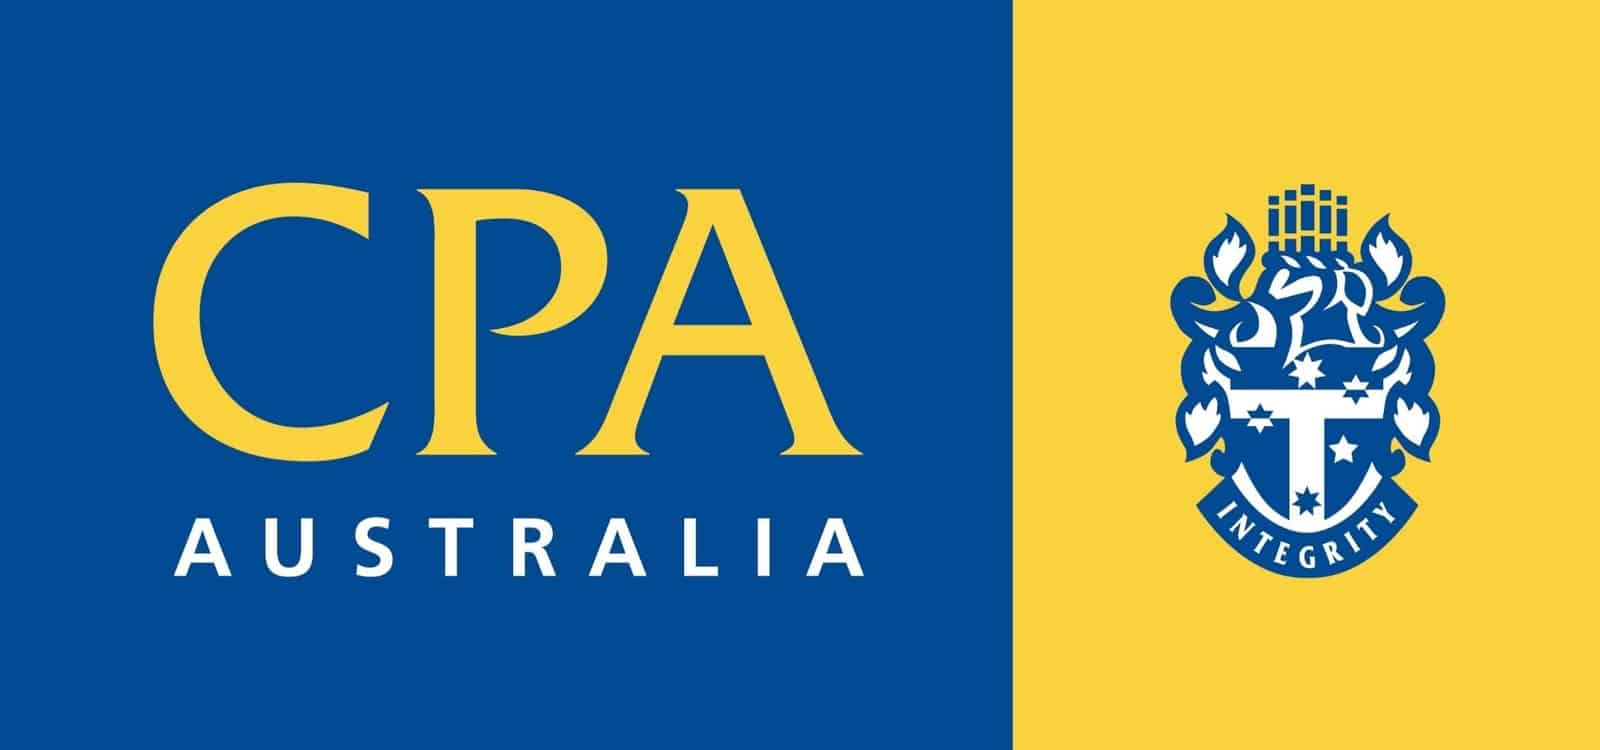 cpa logo p 1600 1